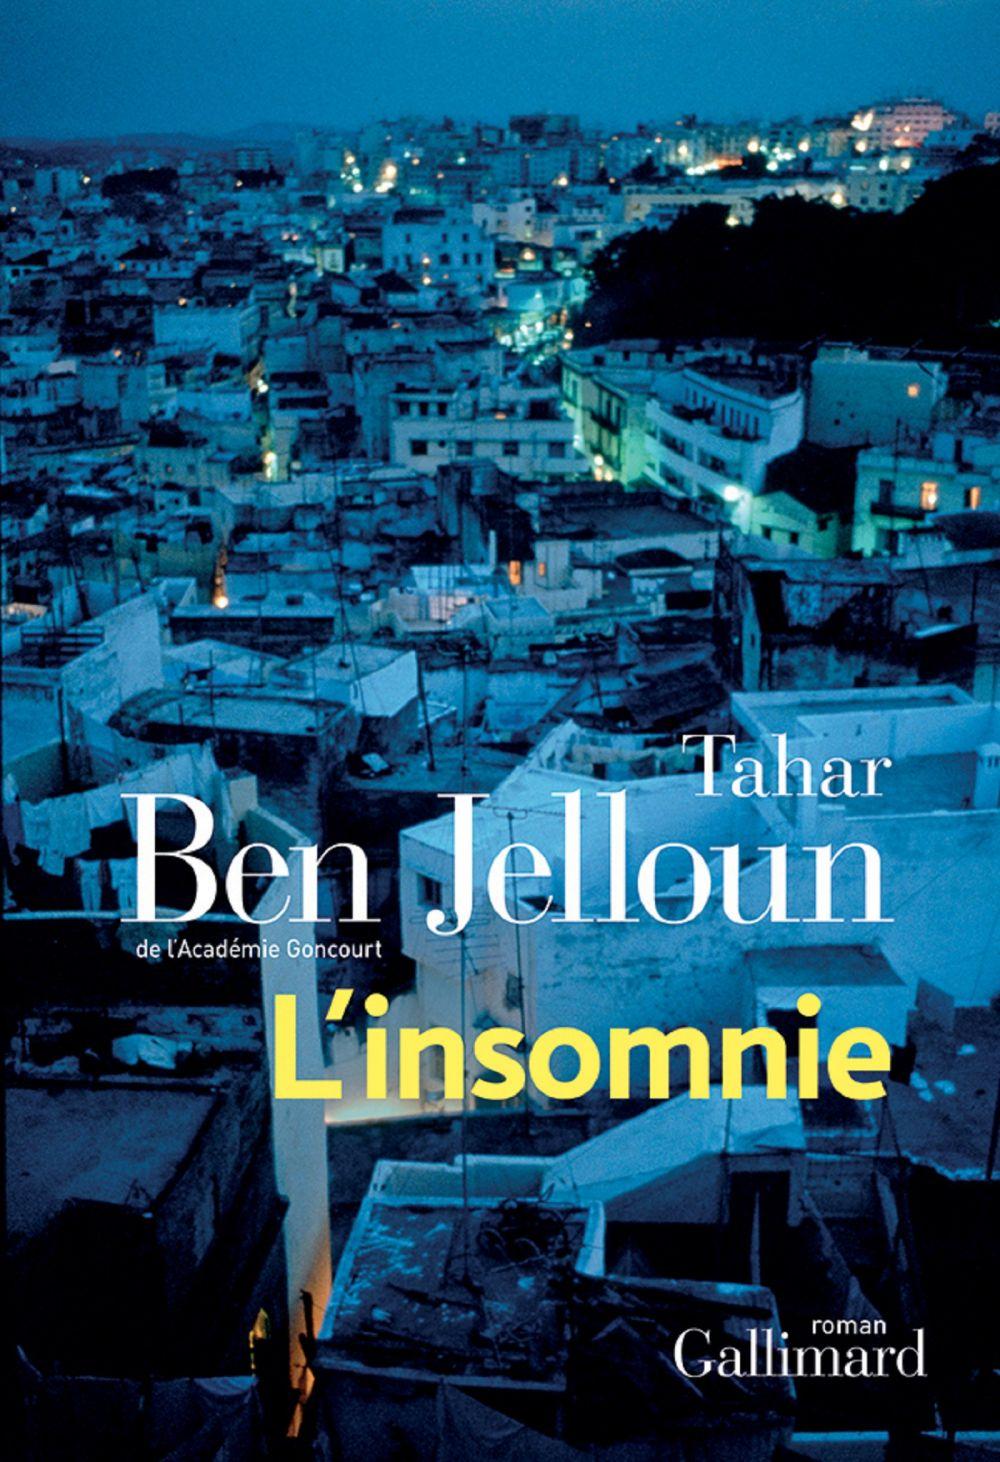 L'insomnie | Ben Jelloun, Tahar. Auteur